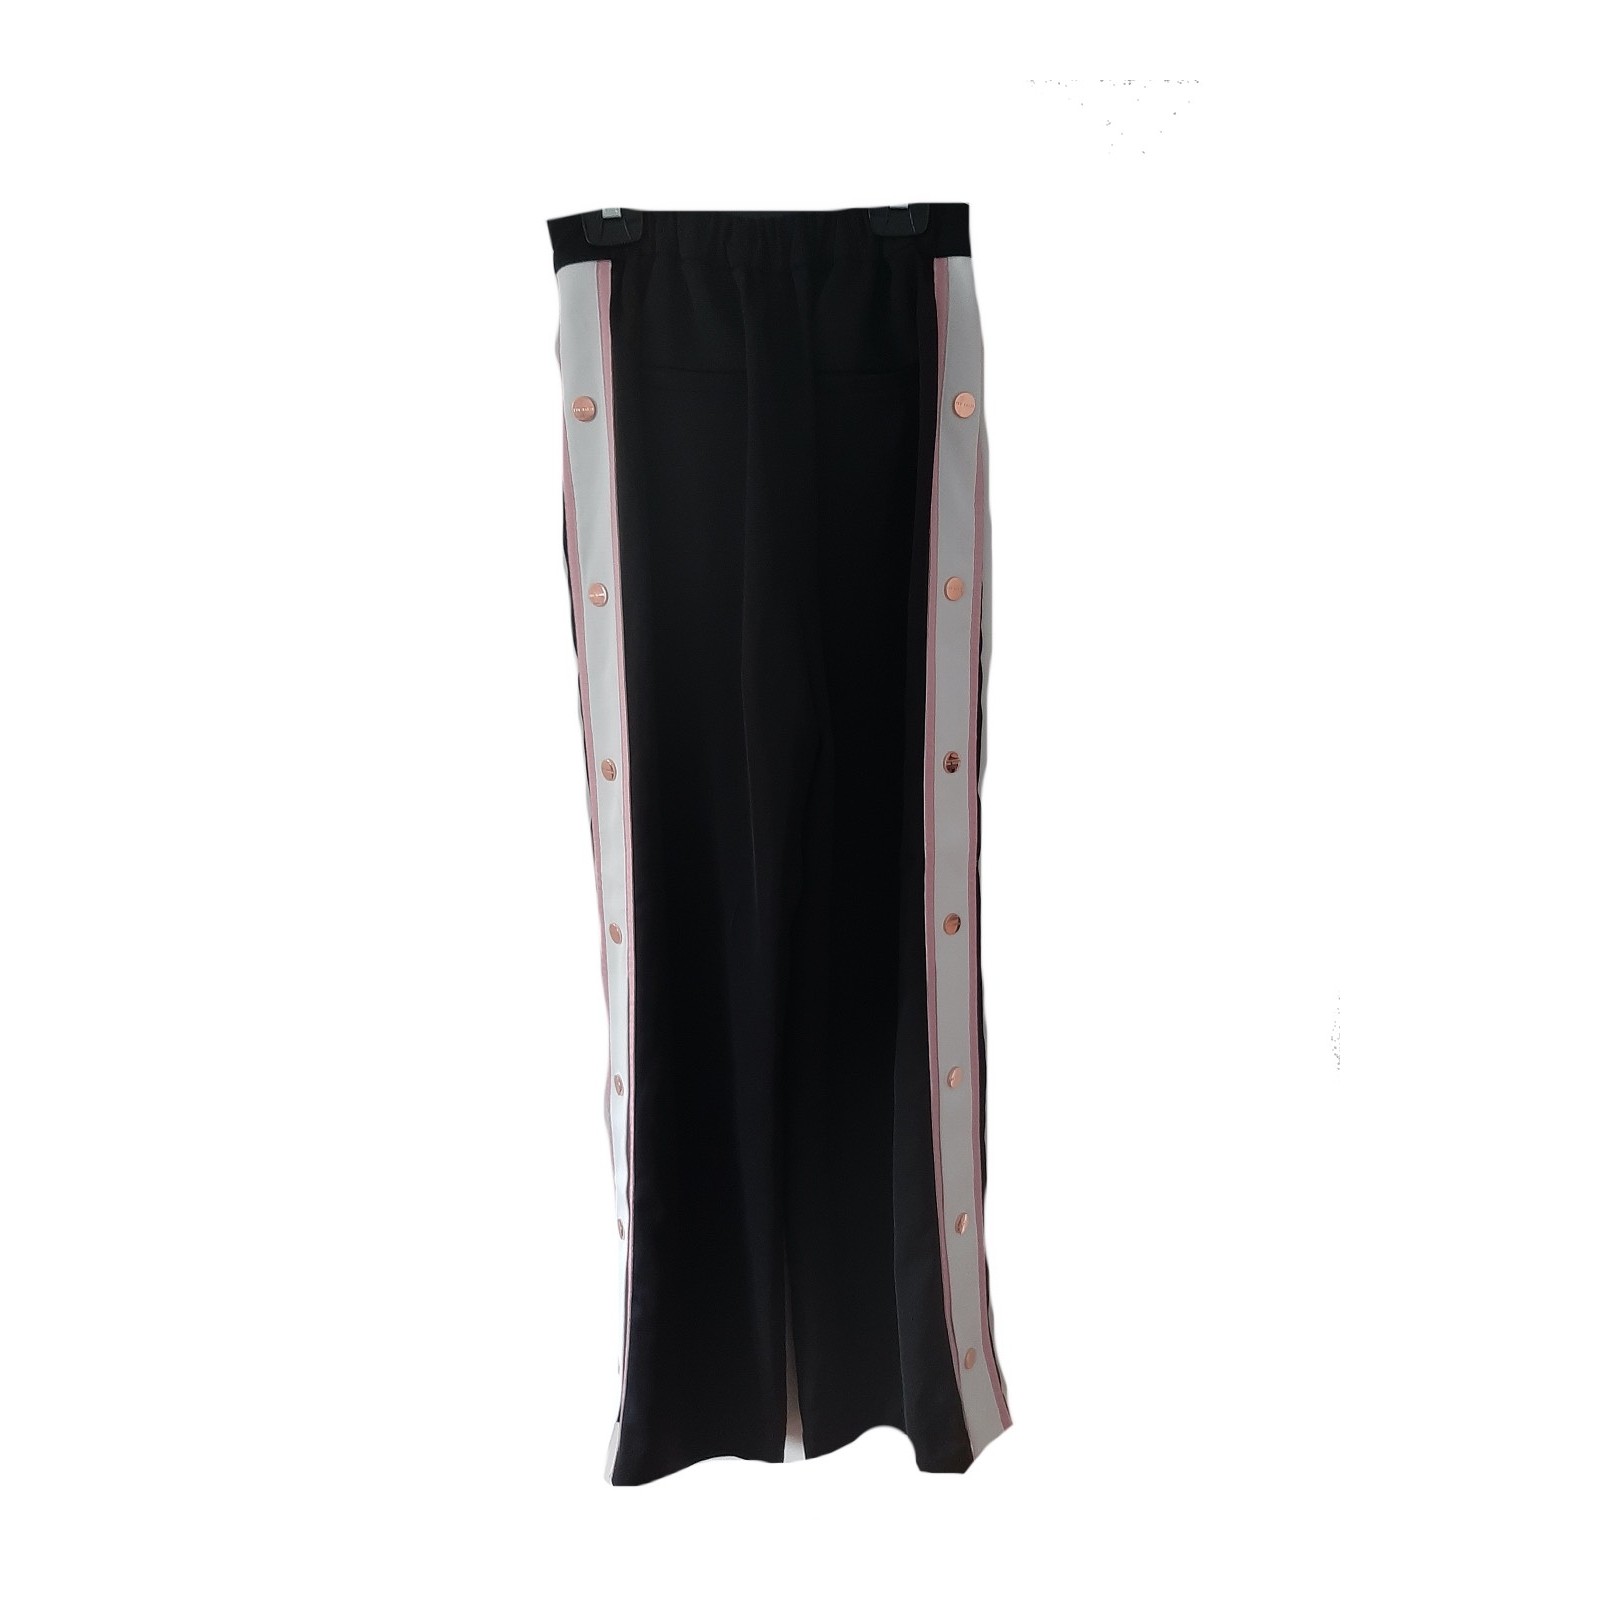 Szerokie spodnie Ted Baker lampas palazzo guziki eleganckie 36 s